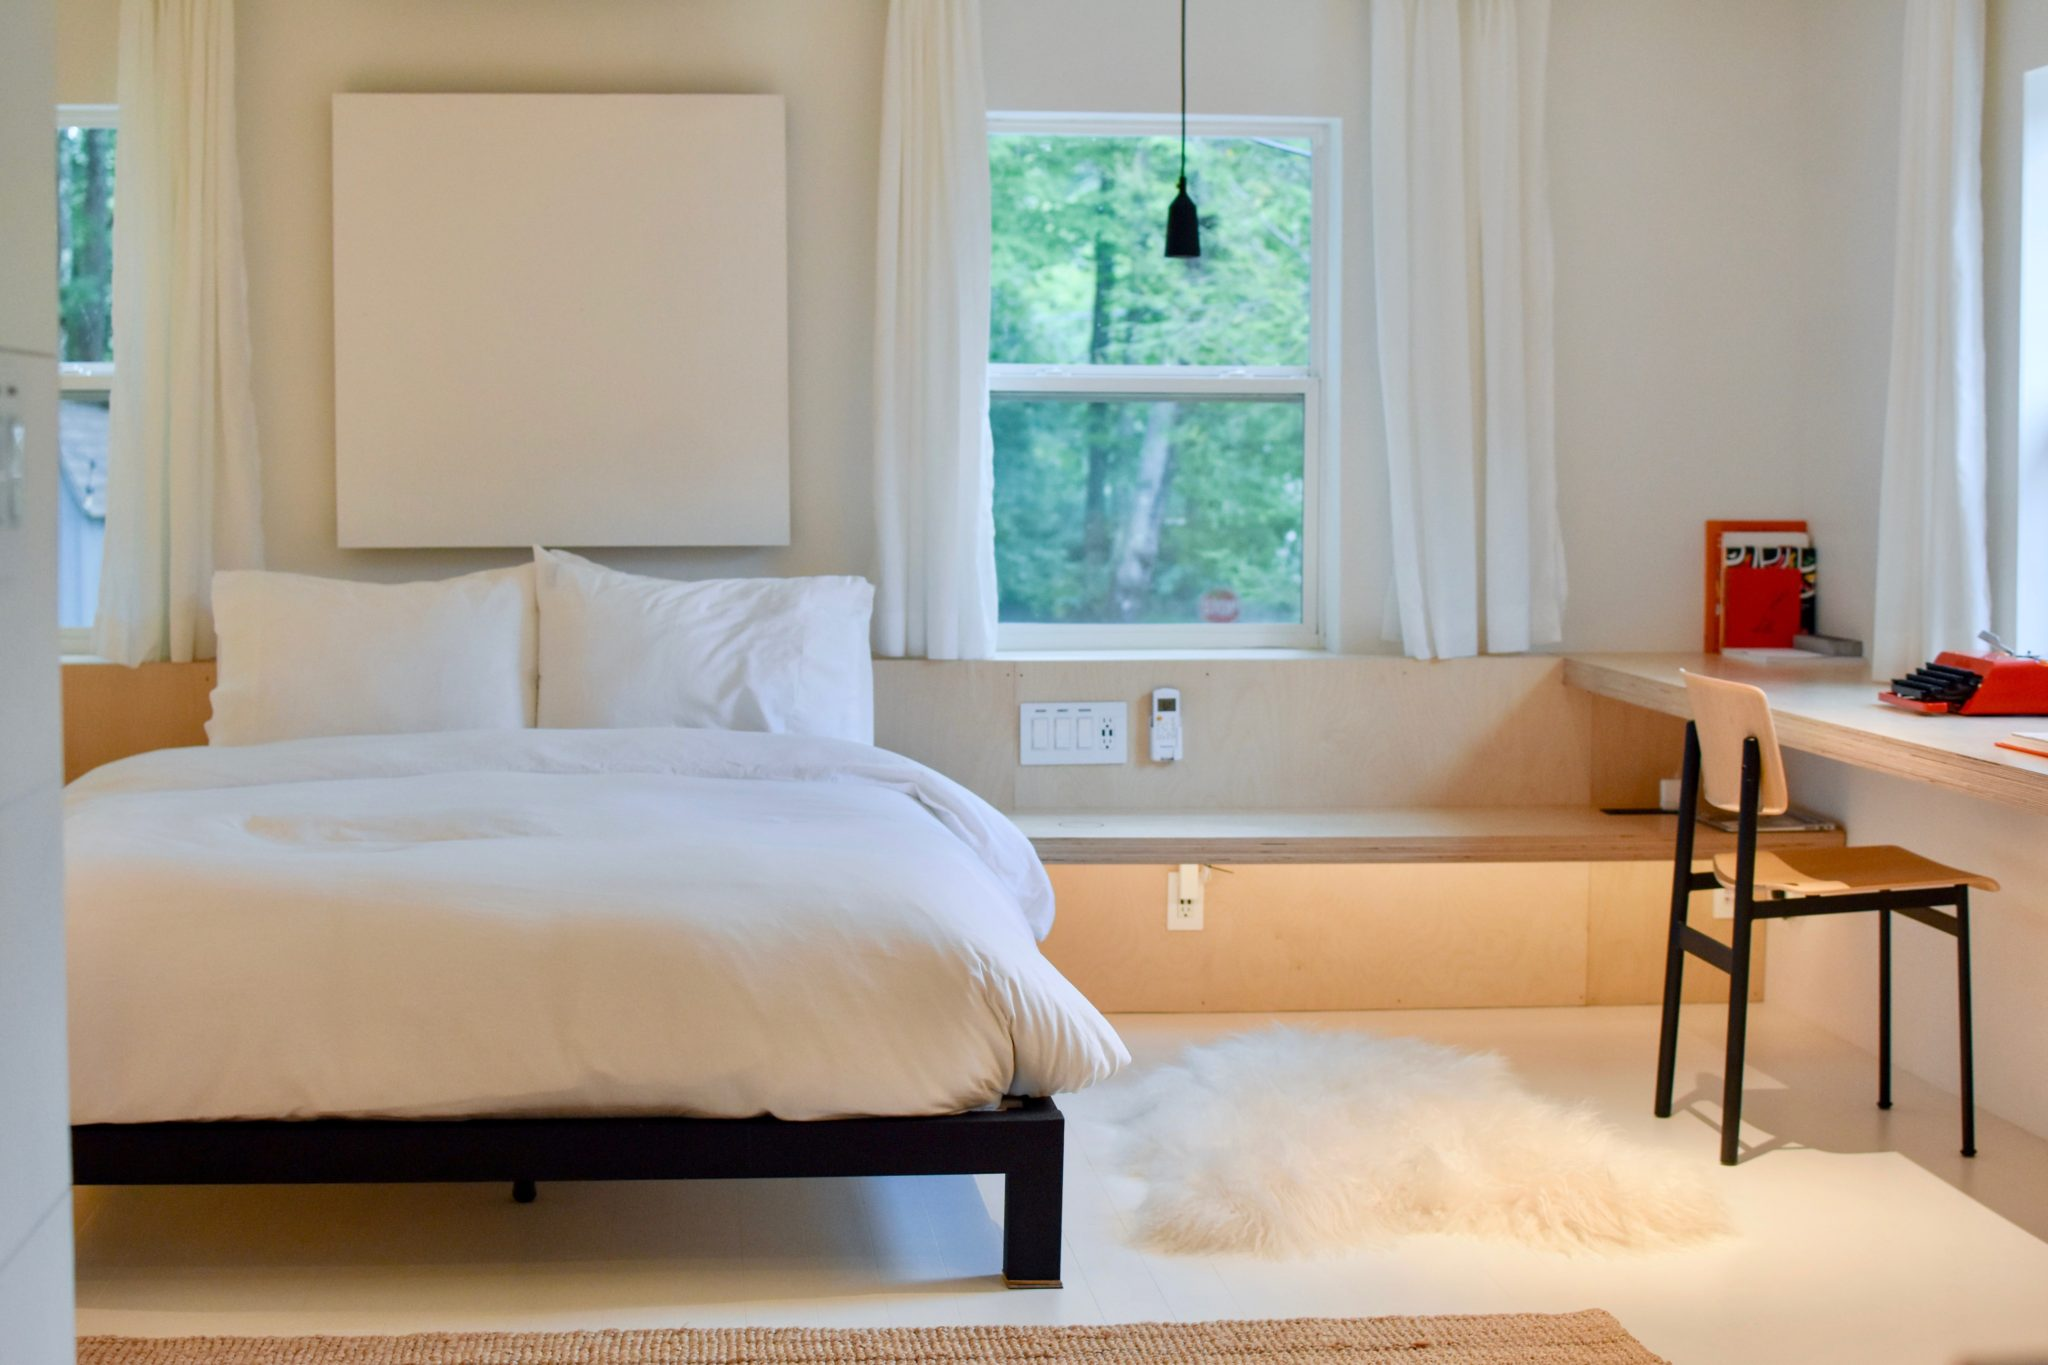 ベッド・マットレスの選び方